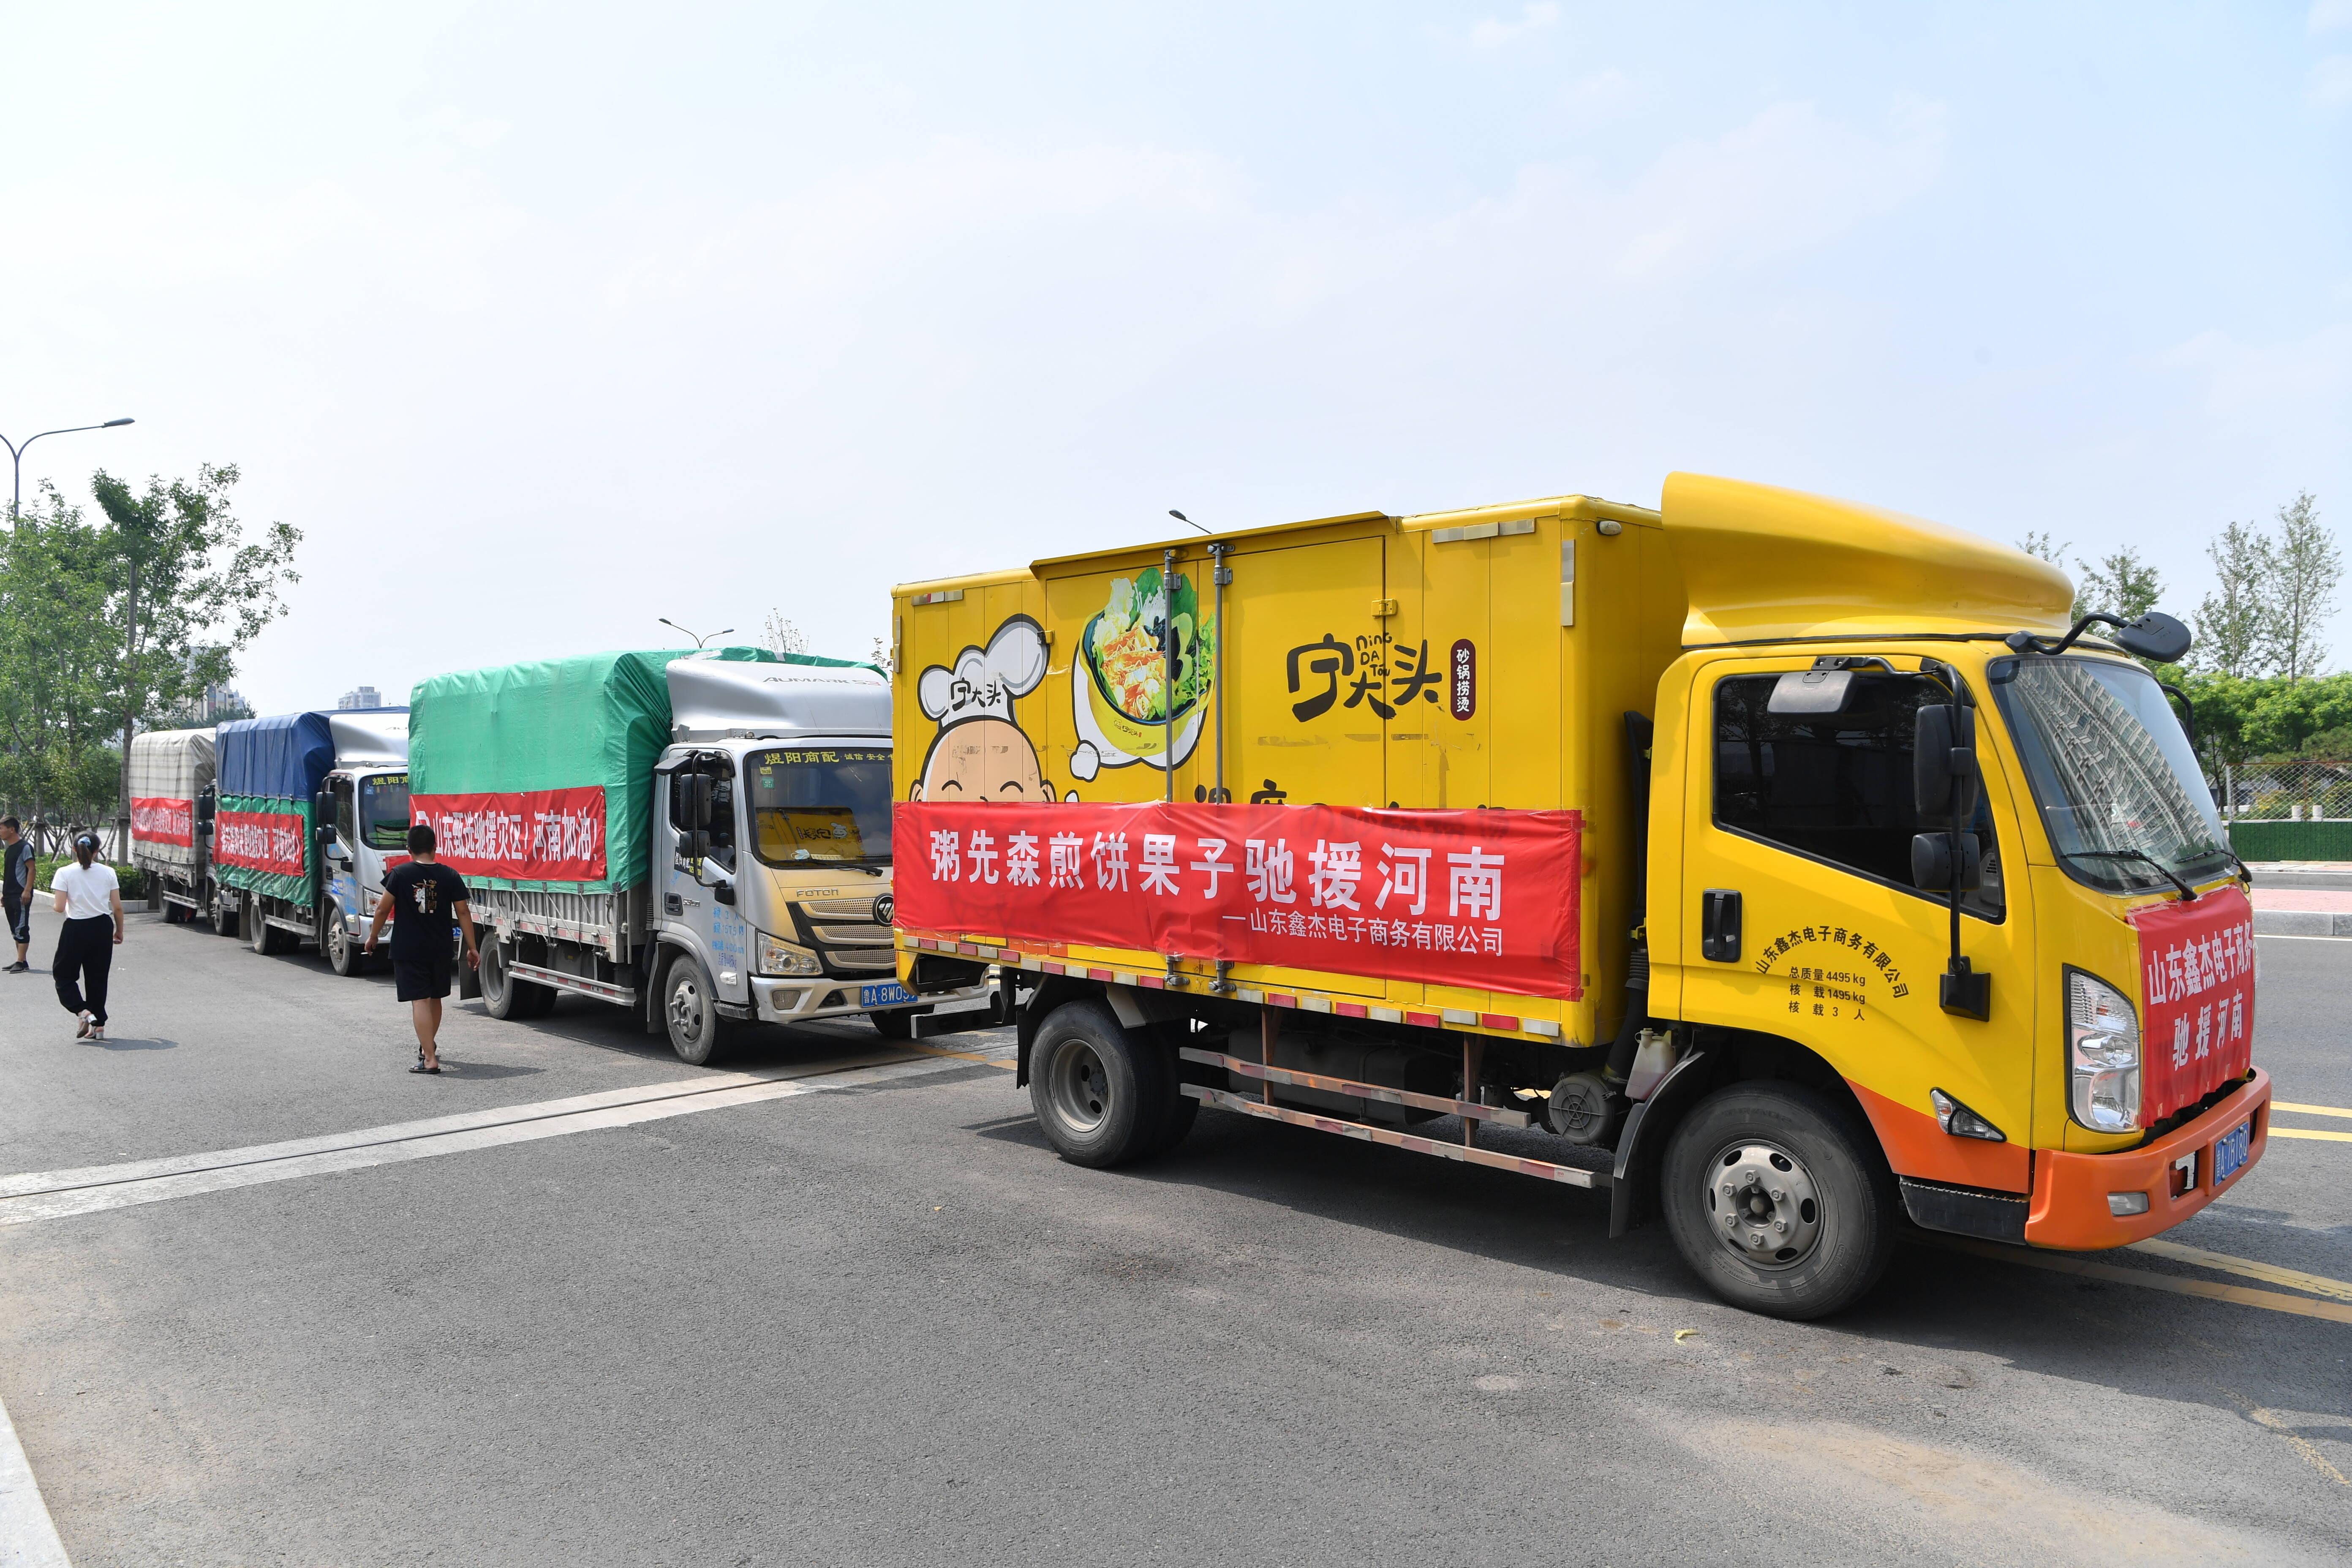 鲁豫同心!济南七家餐饮企业向河南汝州灾区驰援物资